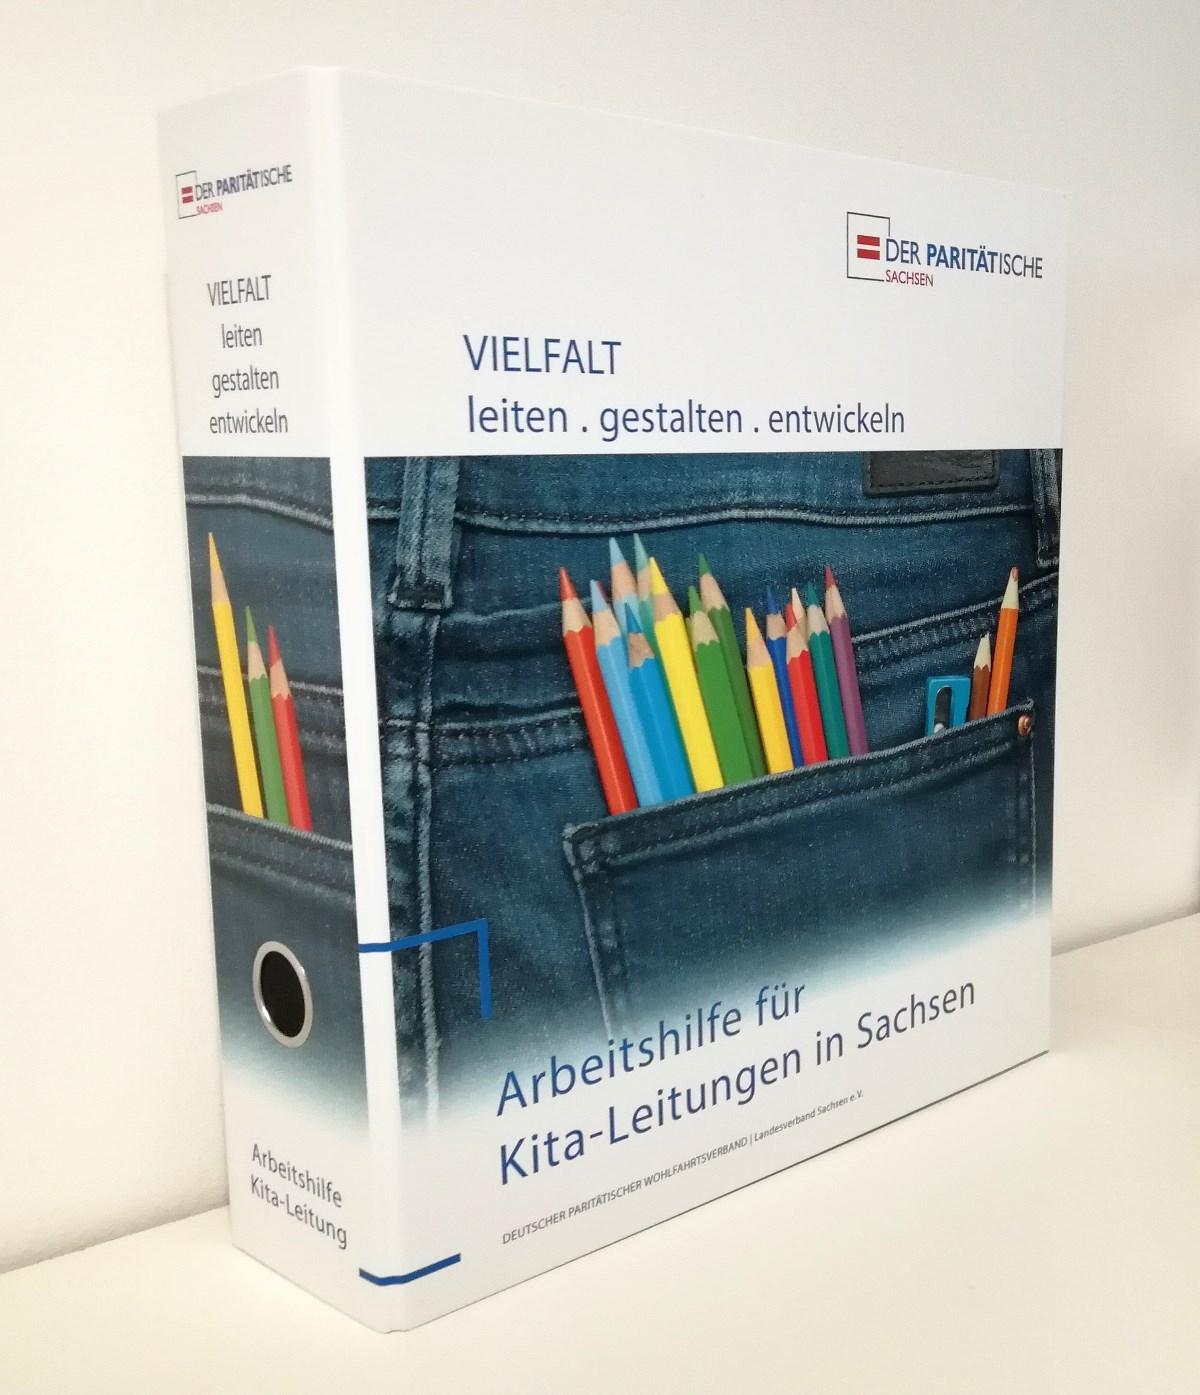 Arbeitshilfe für Kita-Leitungen in 3. aktualisierter Auflage erschienen